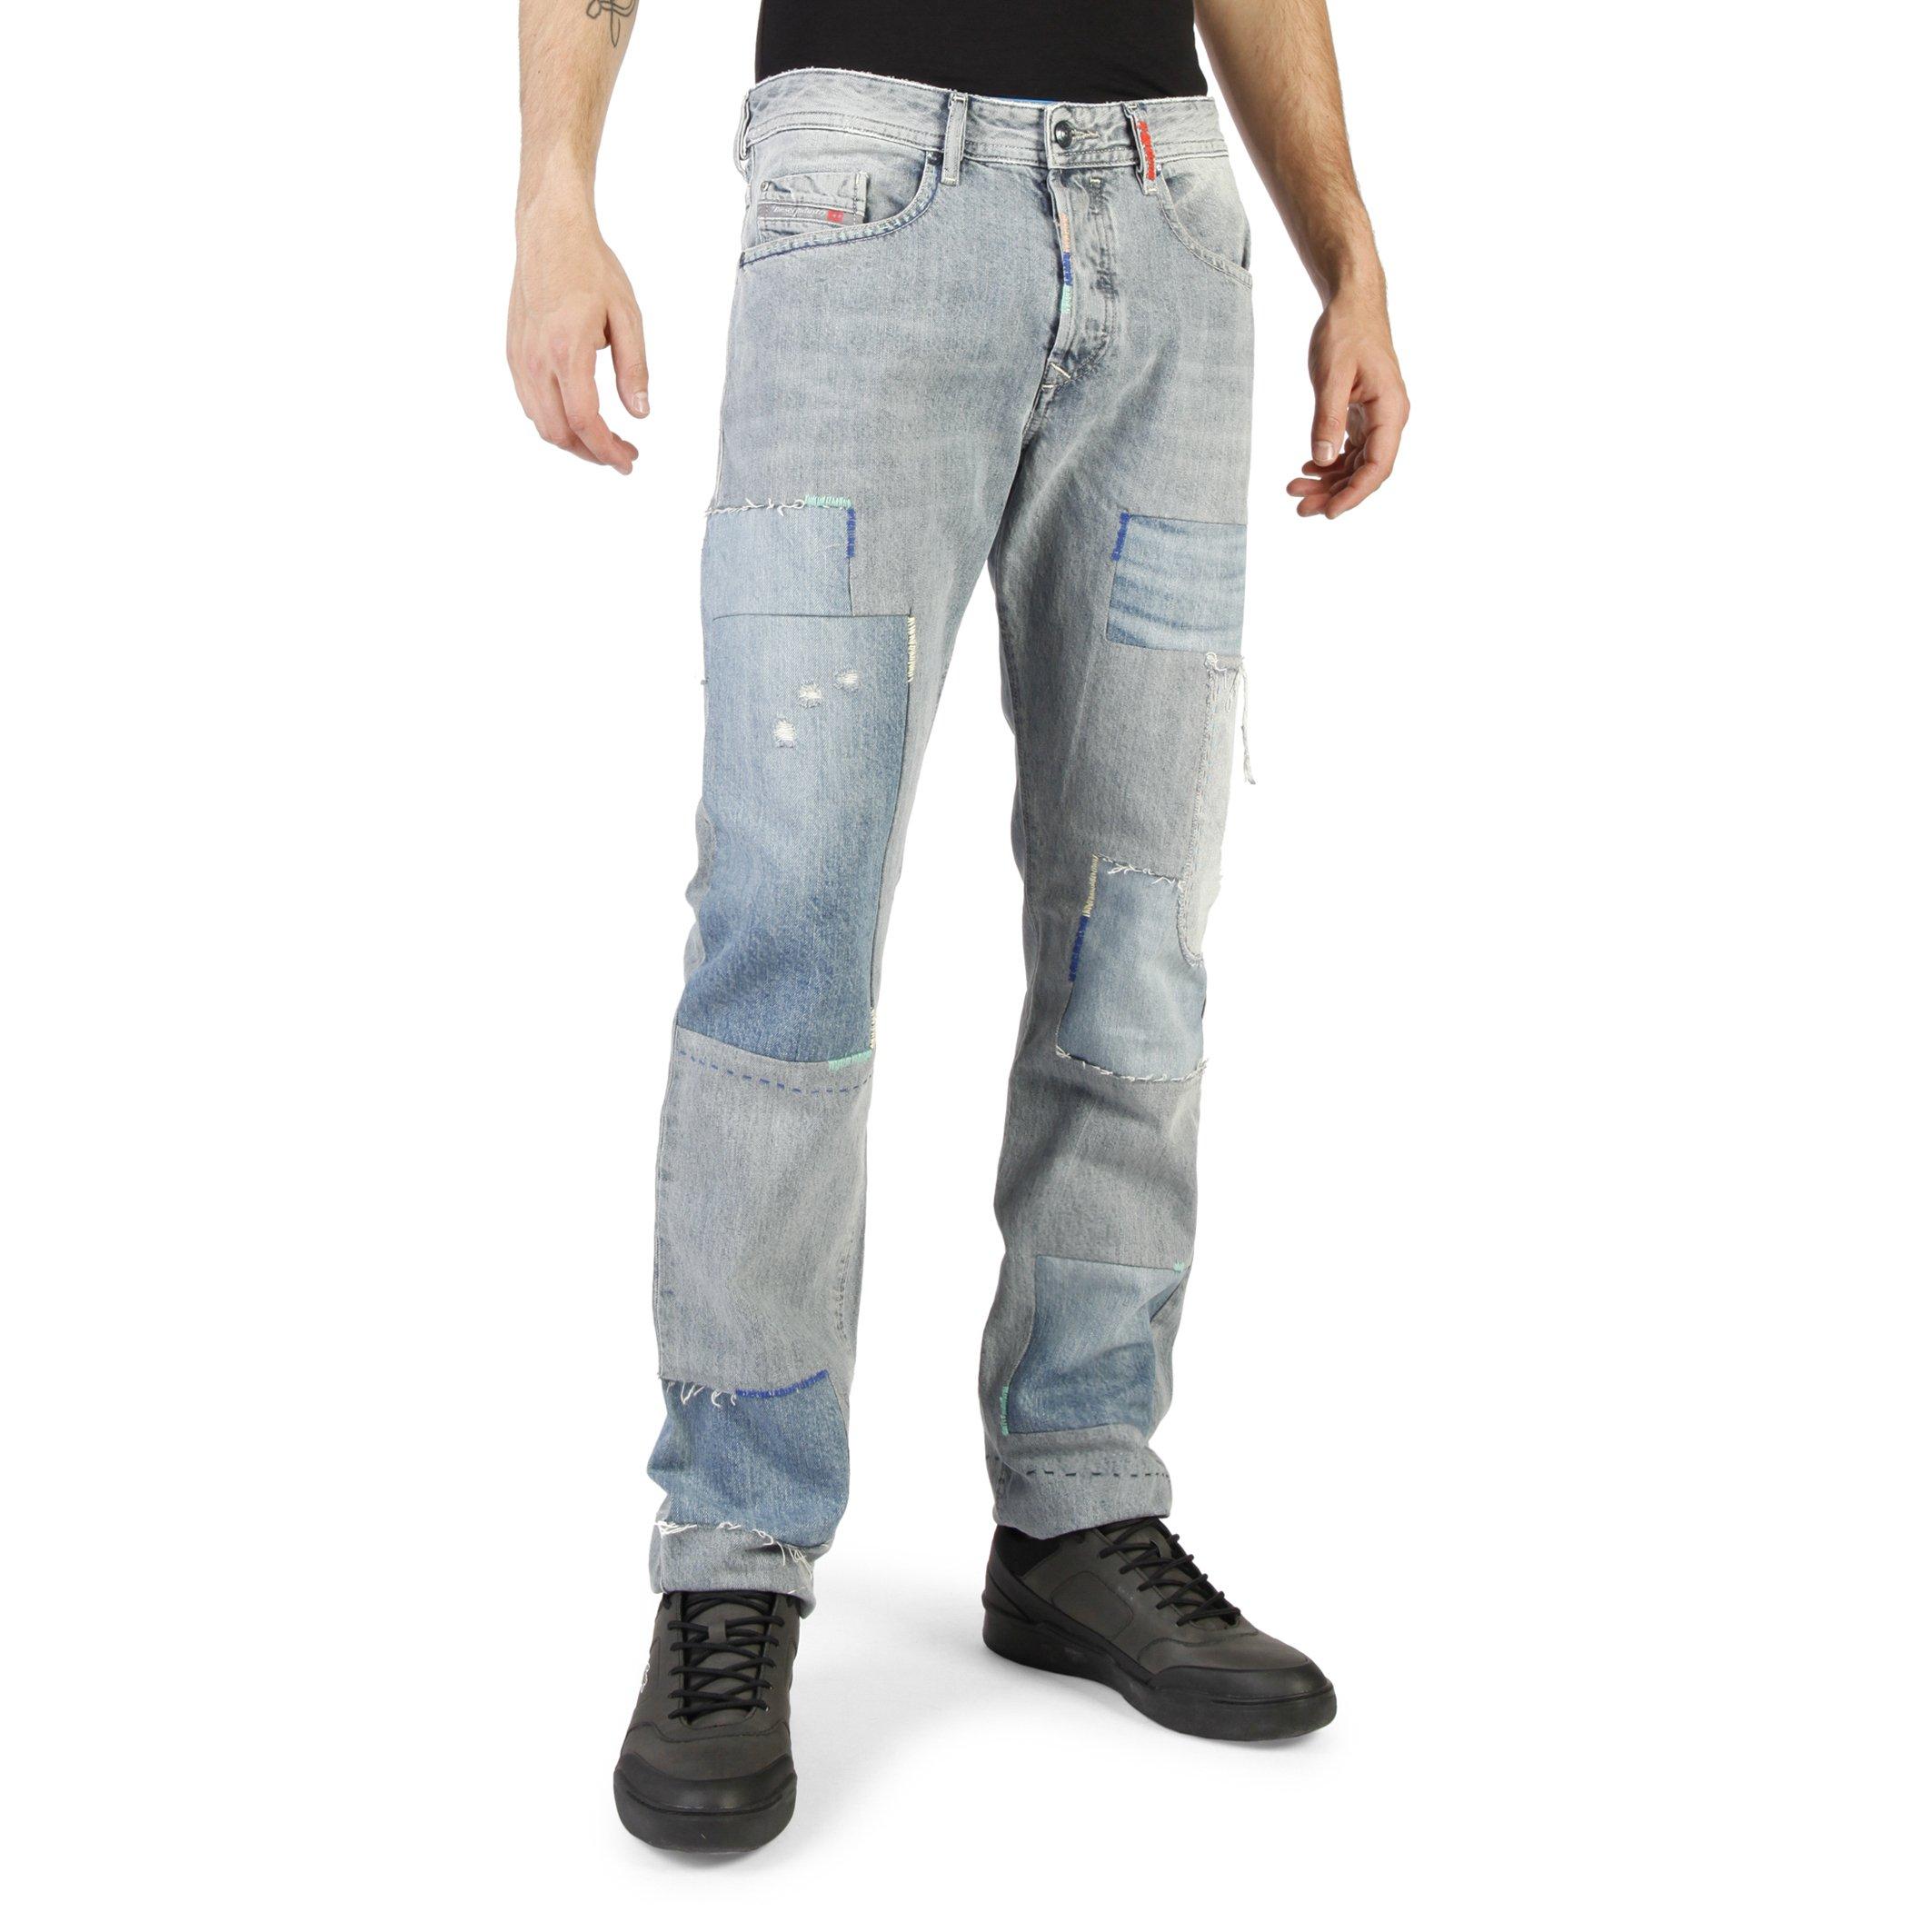 Diesel Men's Jeans Various Colours BUSTER_L32_00SDHB - blue-3 28